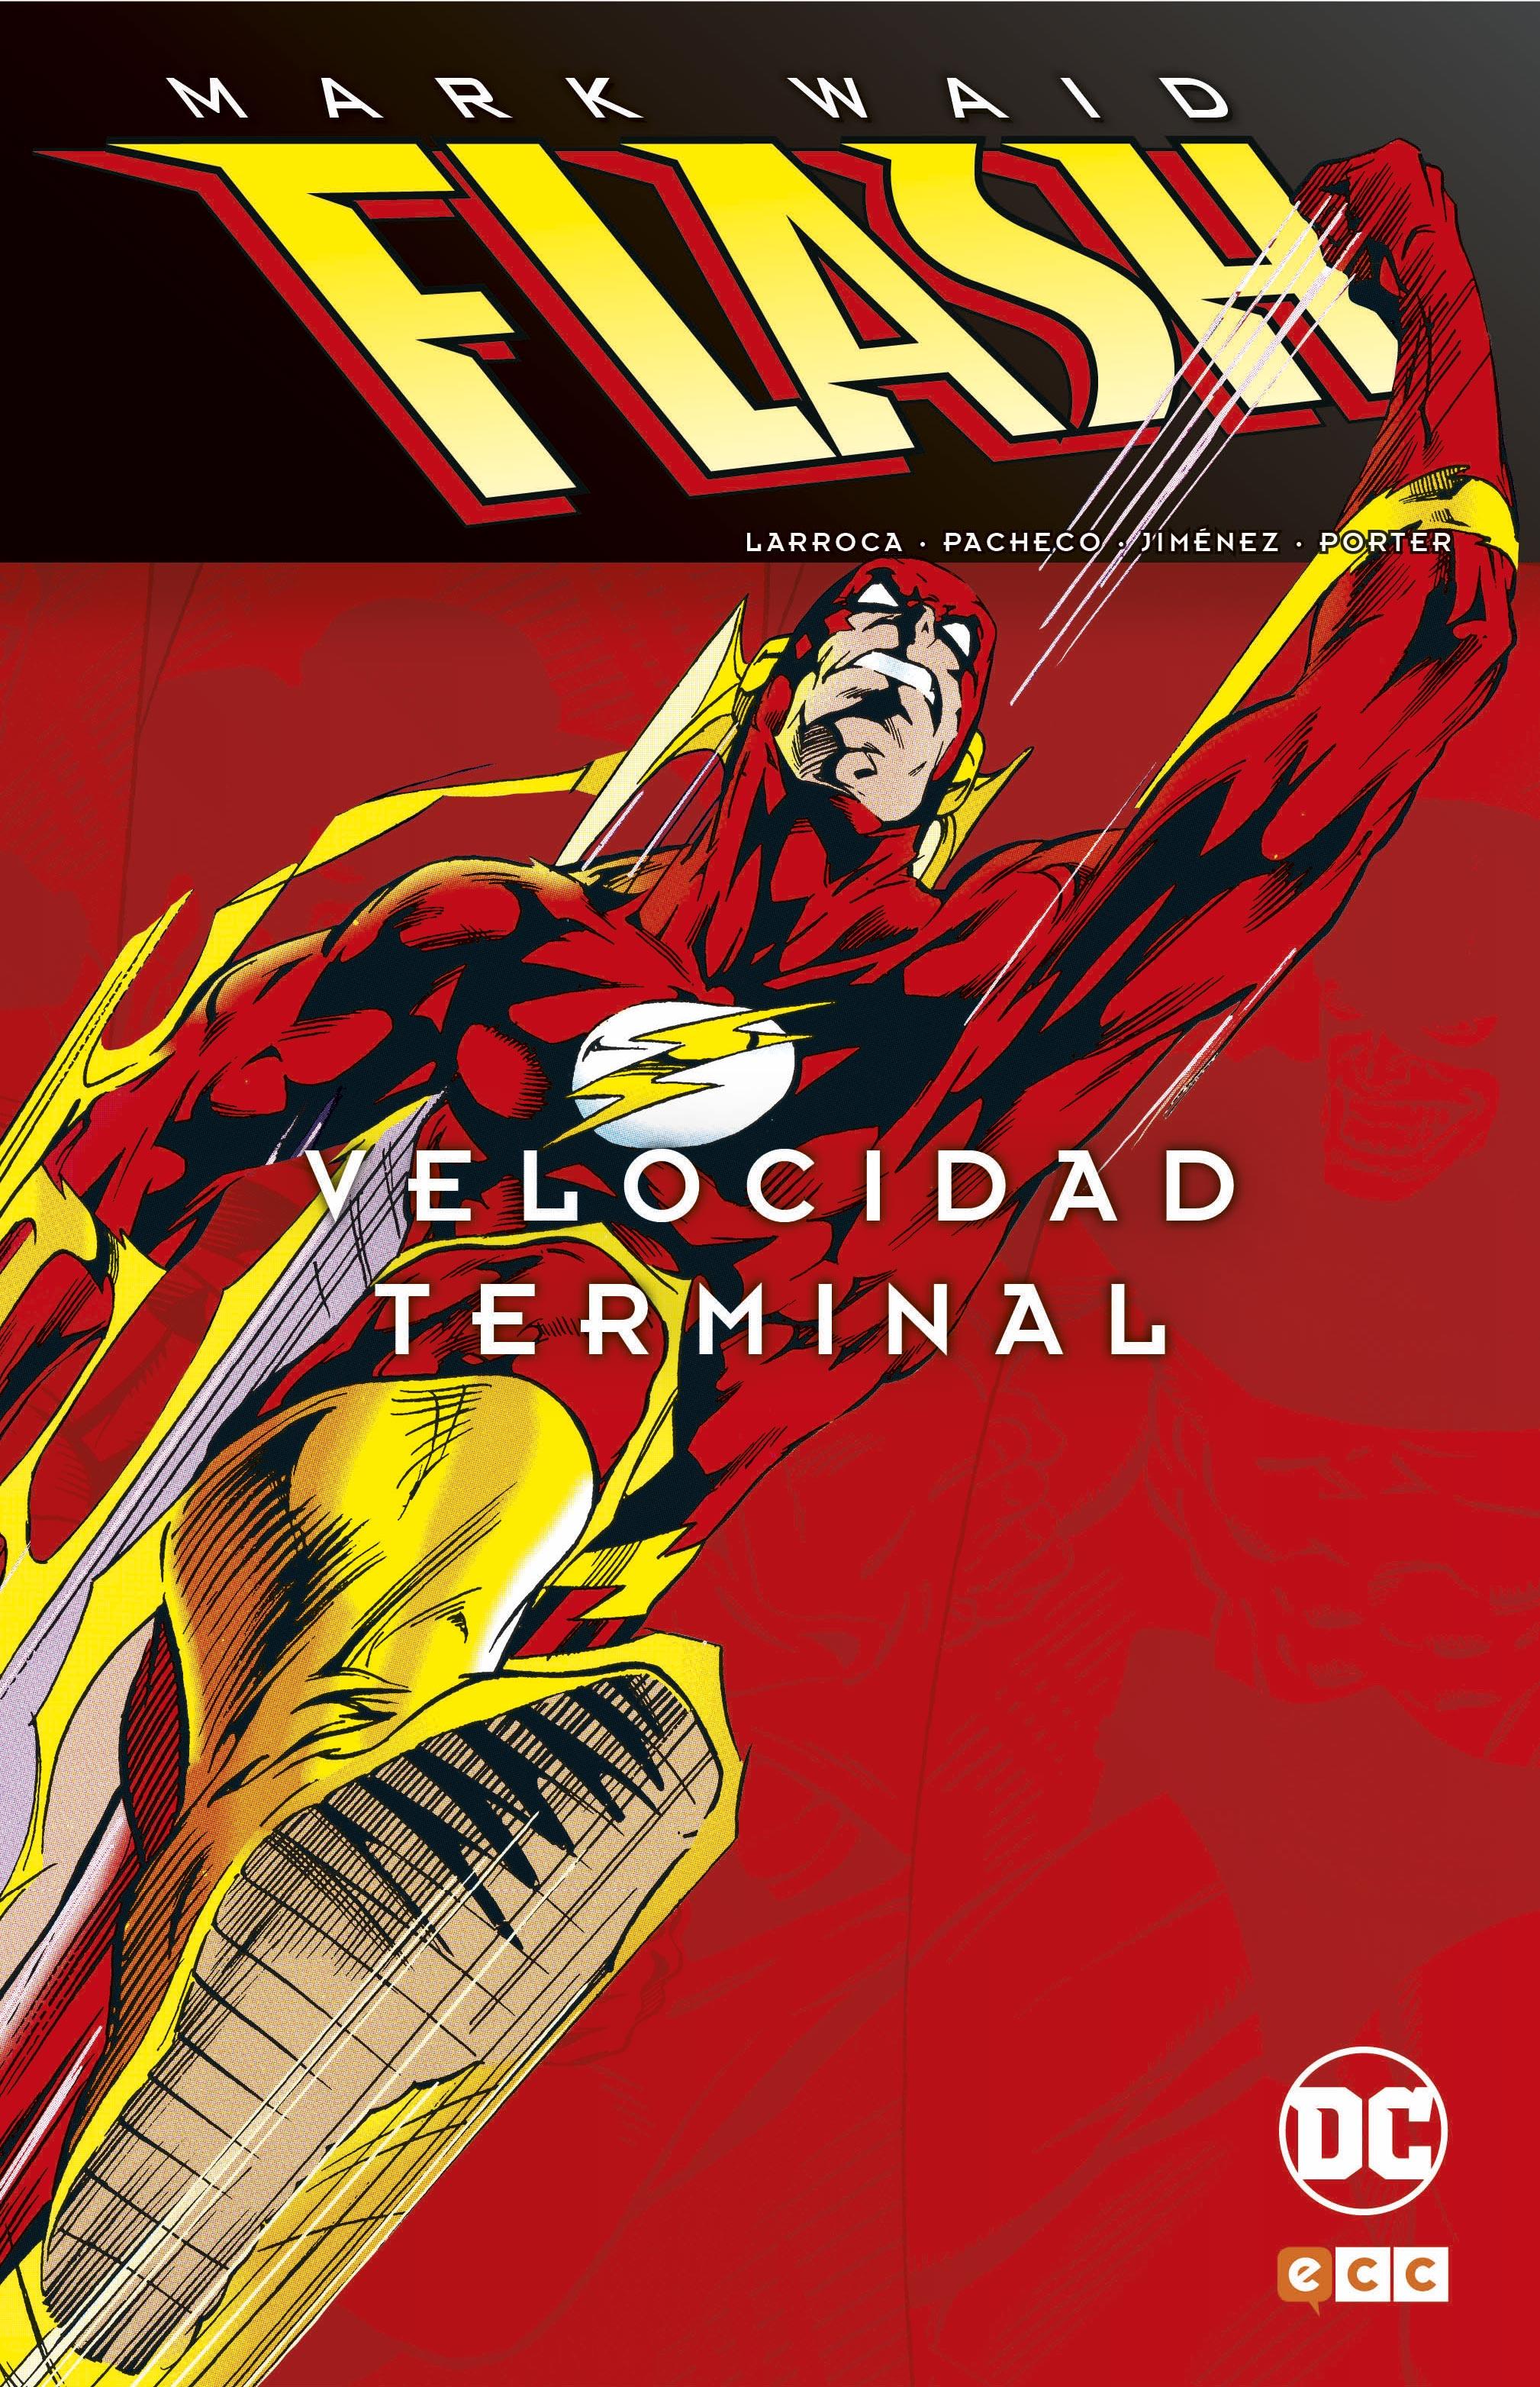 cubierta_flash_waid_velocidad_terminal_W